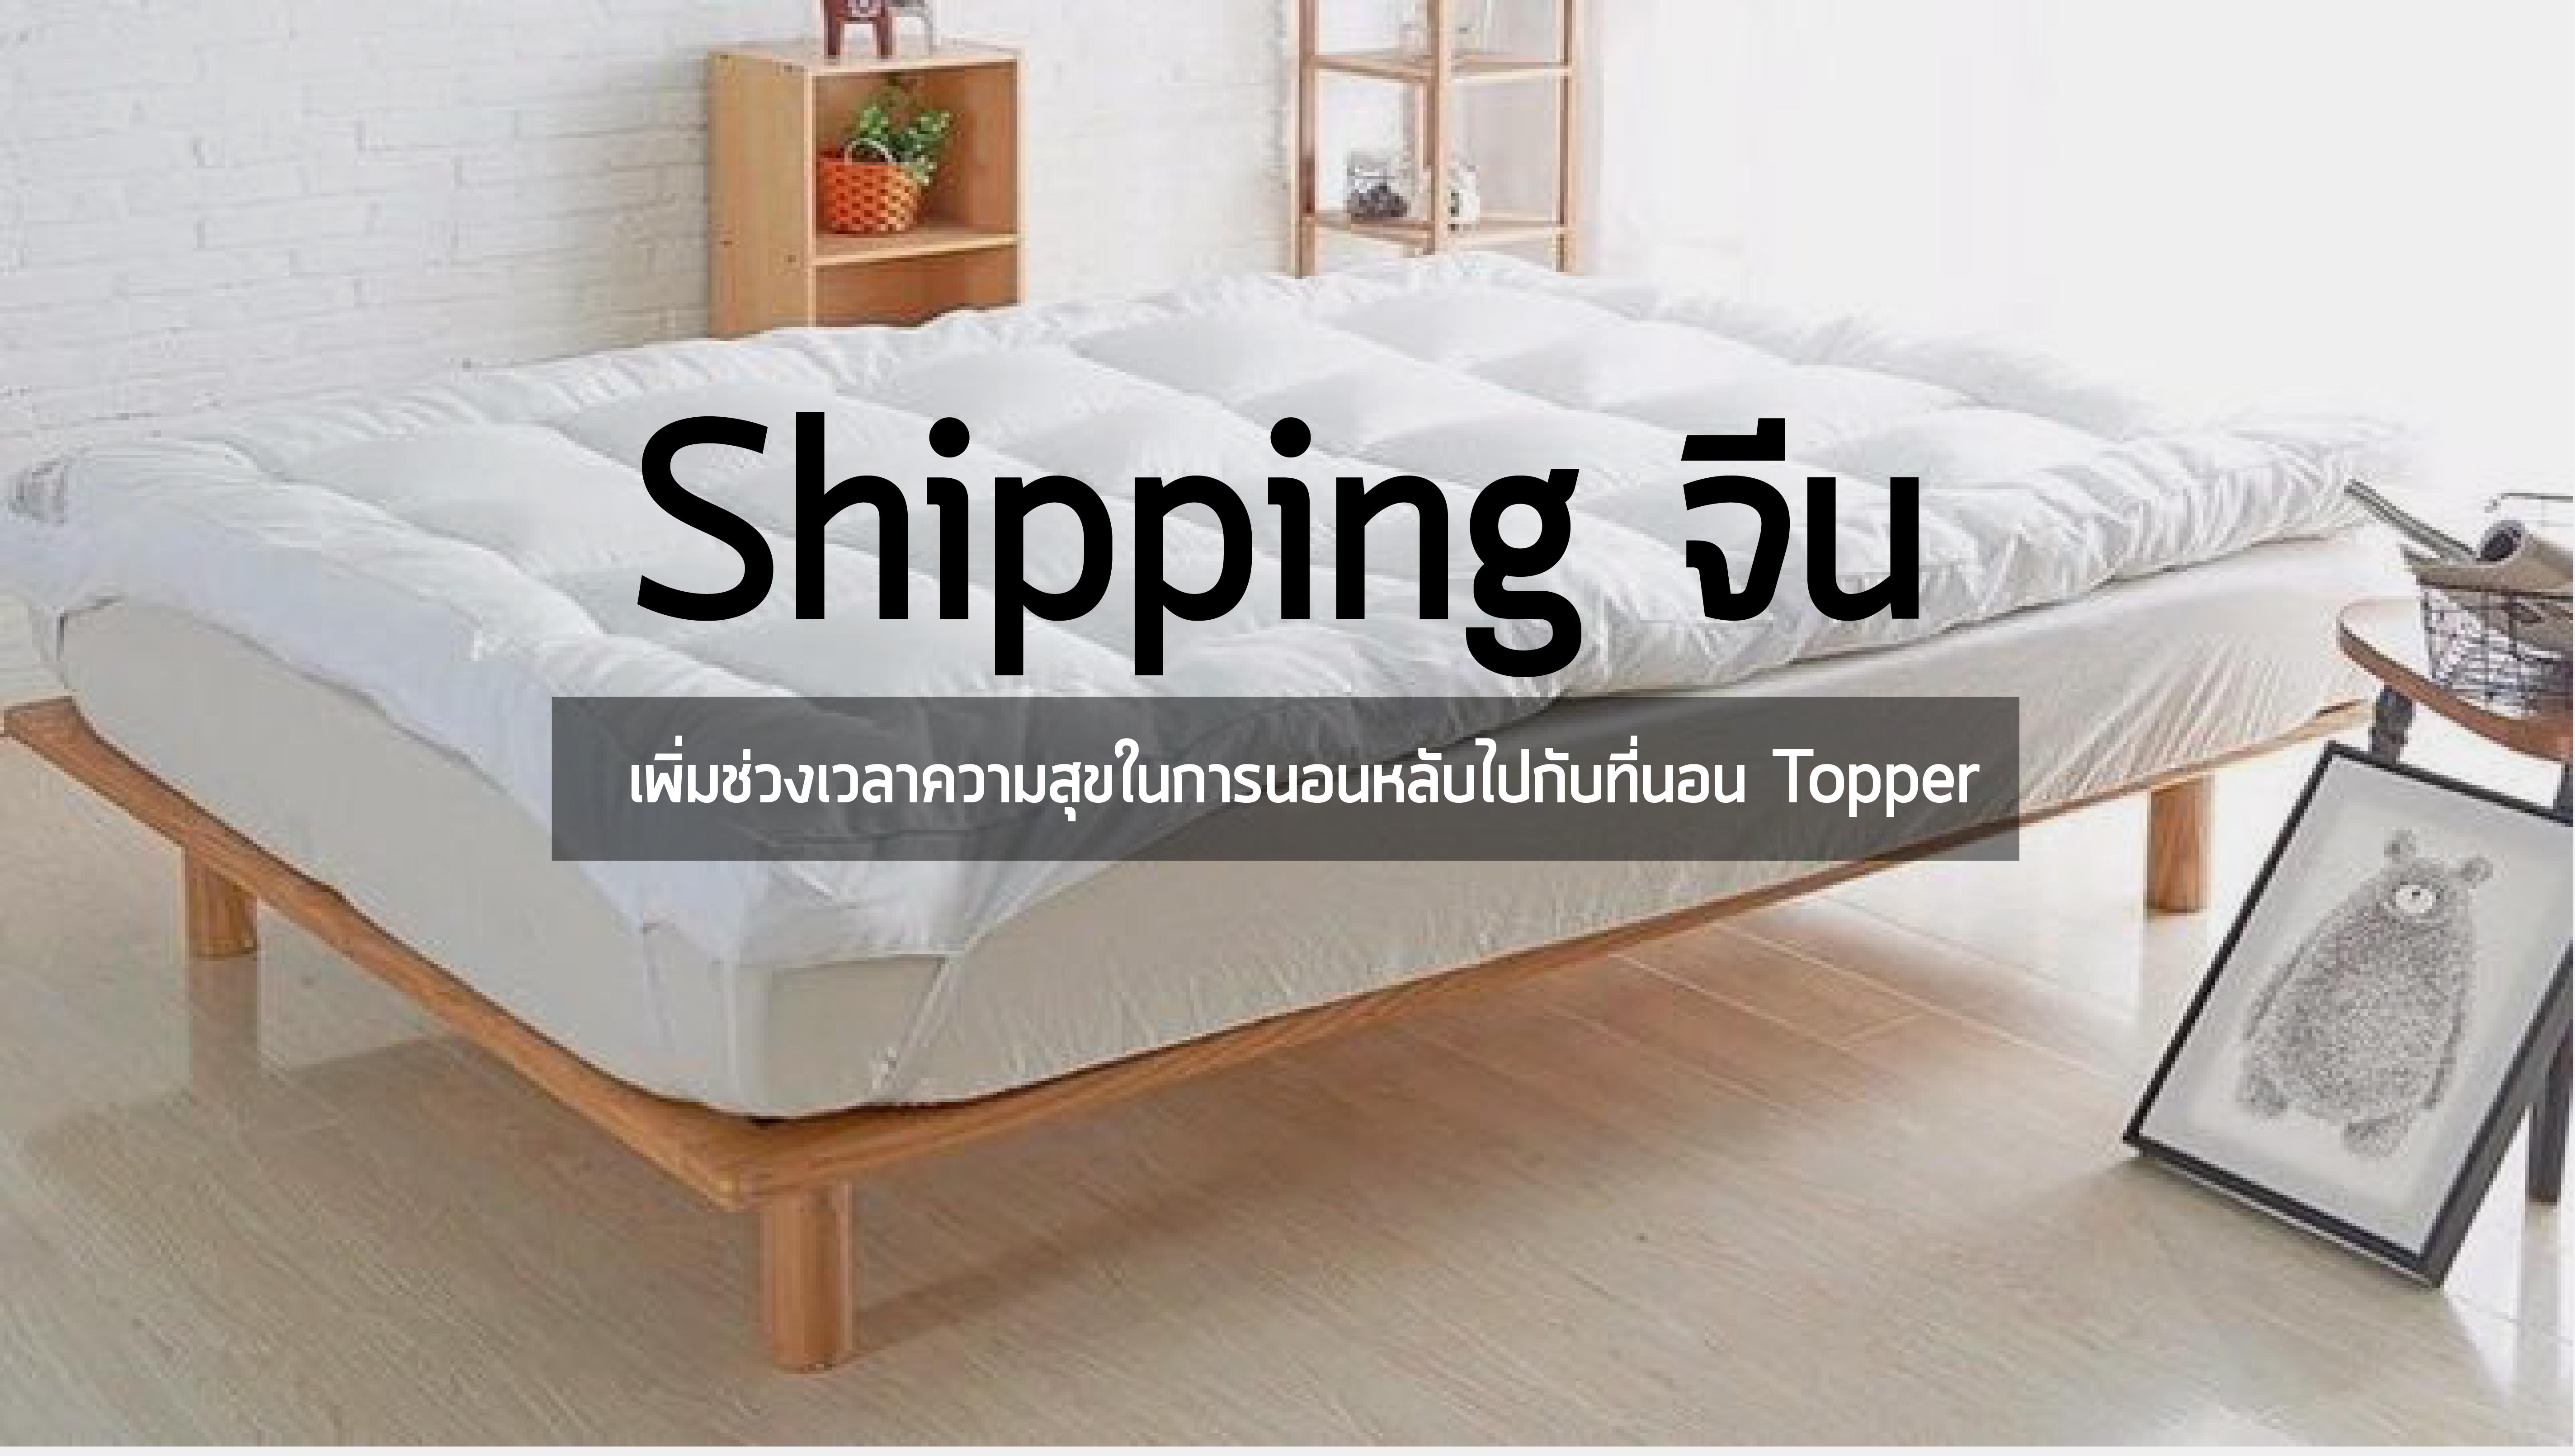 zShippingจีน เพิ่มช่วงเวลาความสุขในการนอนหลับไปกับที่นอน Topper